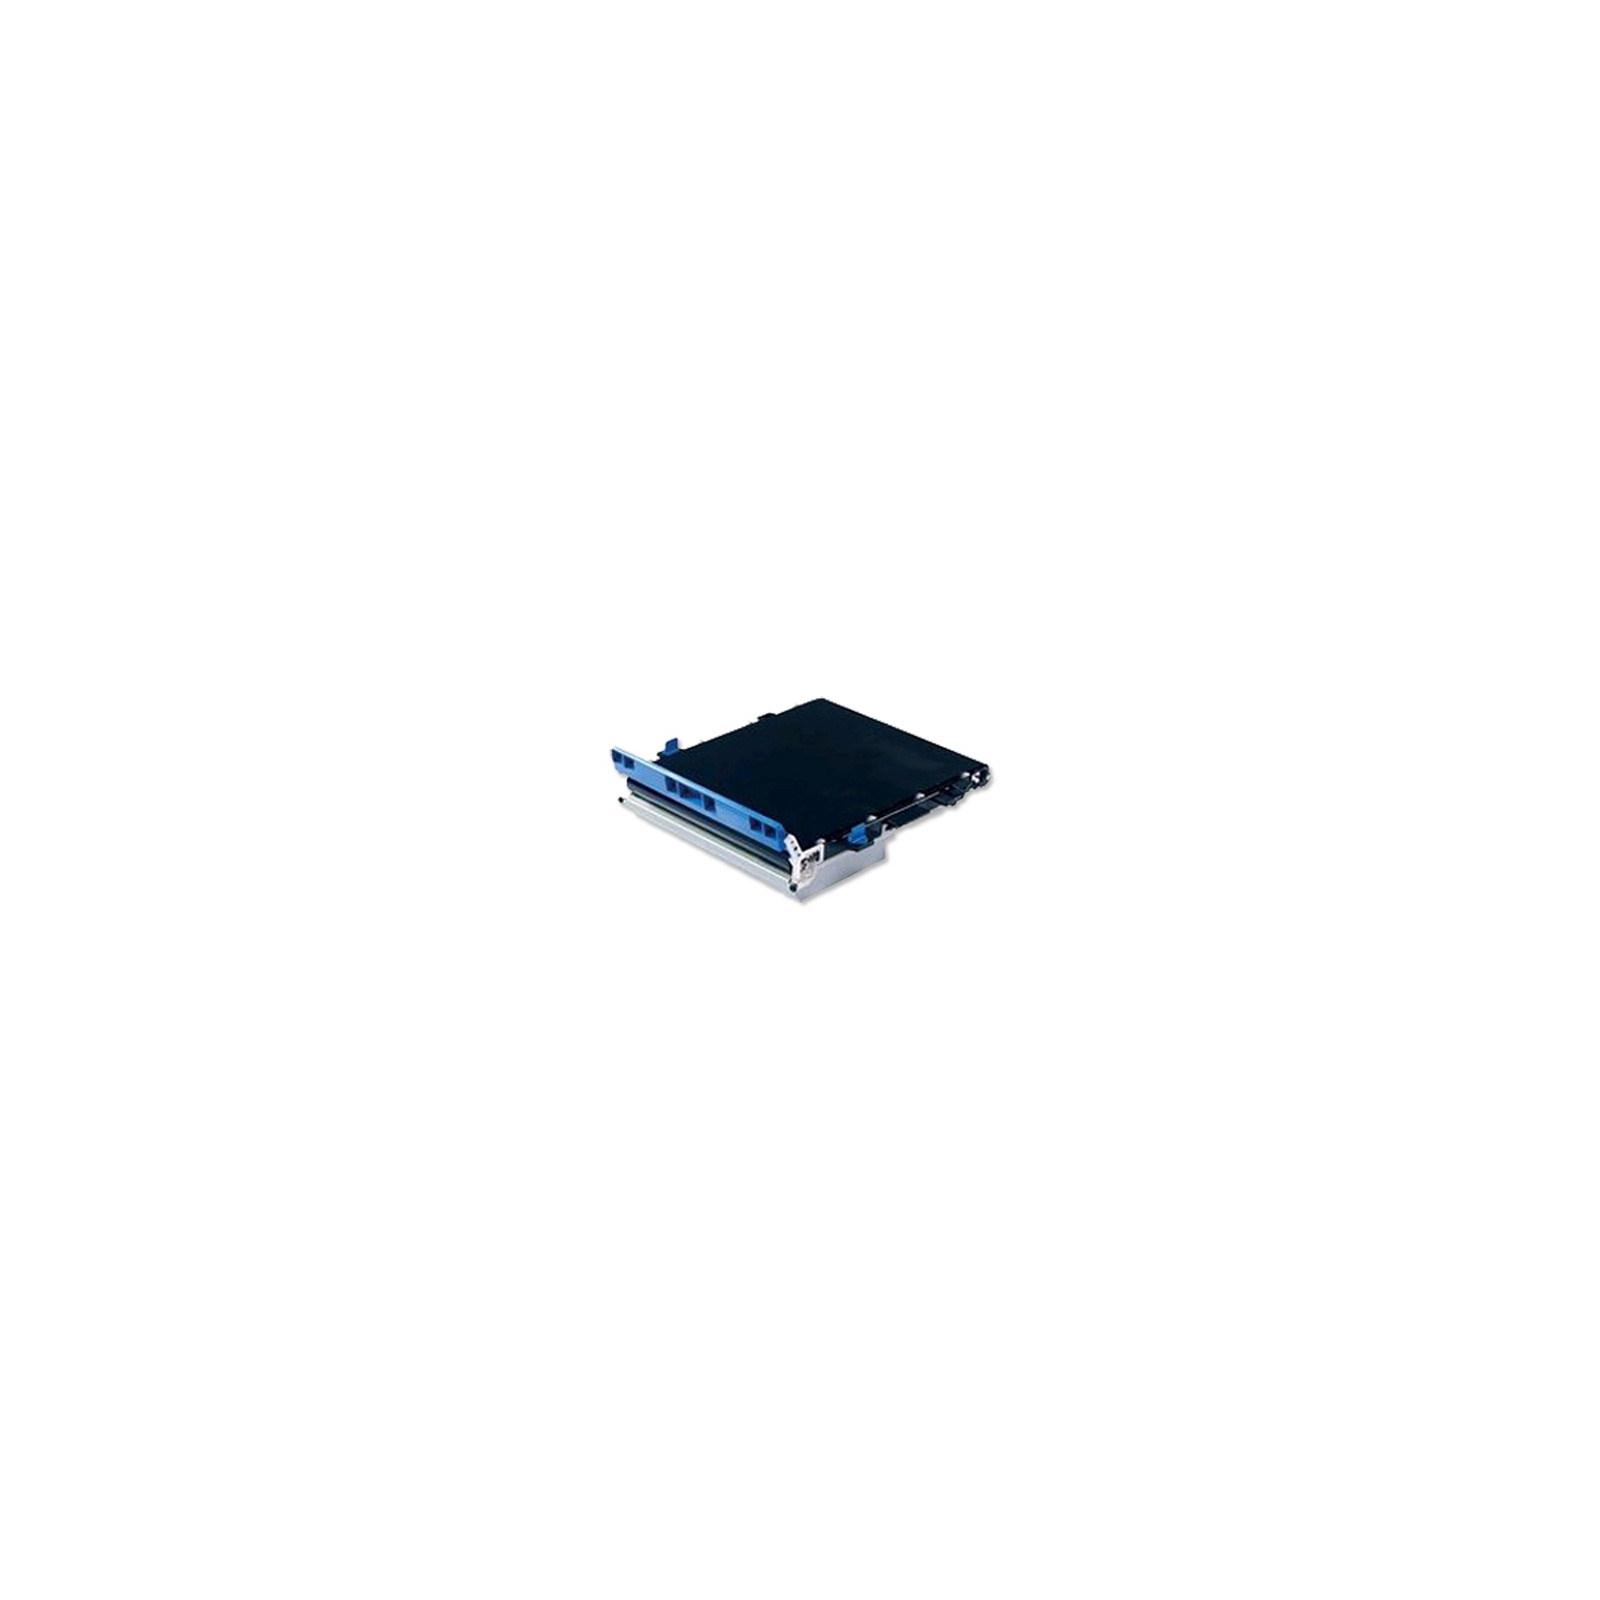 Блок транспортировки ленты OKI BELT-UNIT C3300/3400/3520MFP//MC350 (43378002)